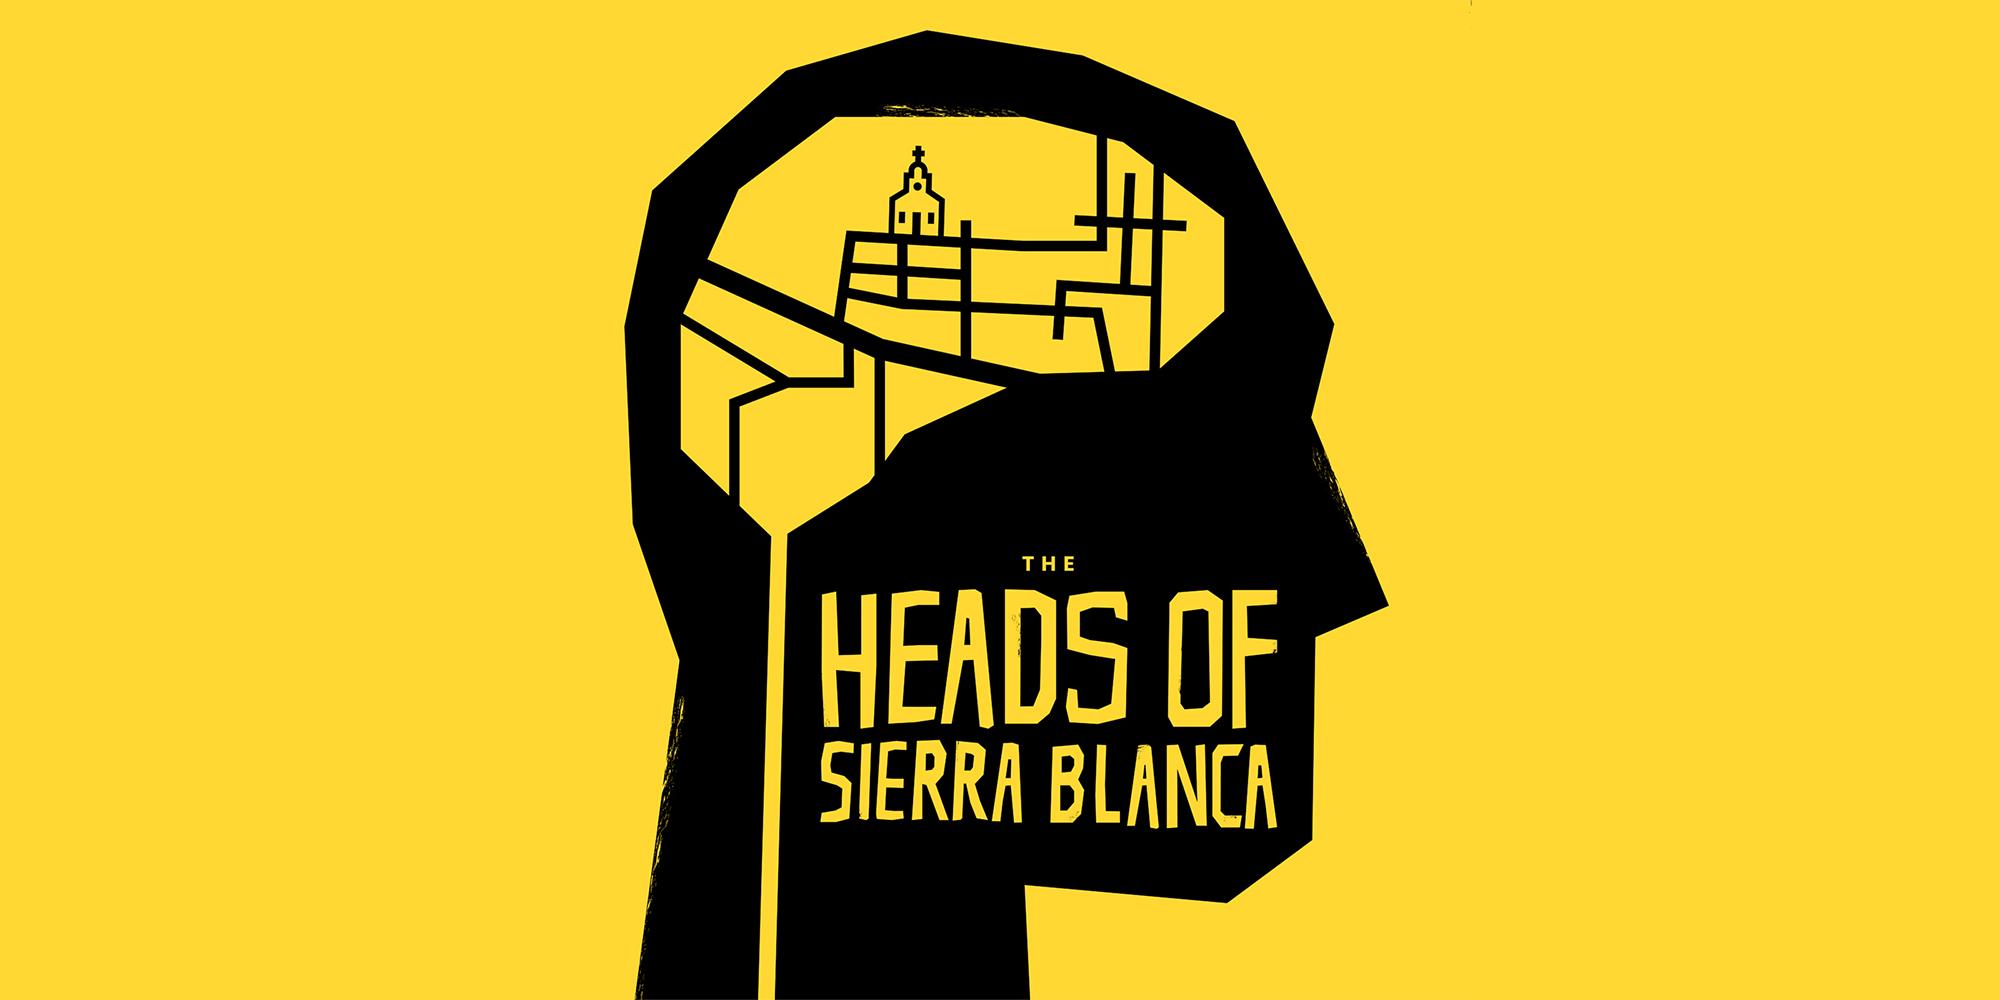 The Heads of Sierra Blanca